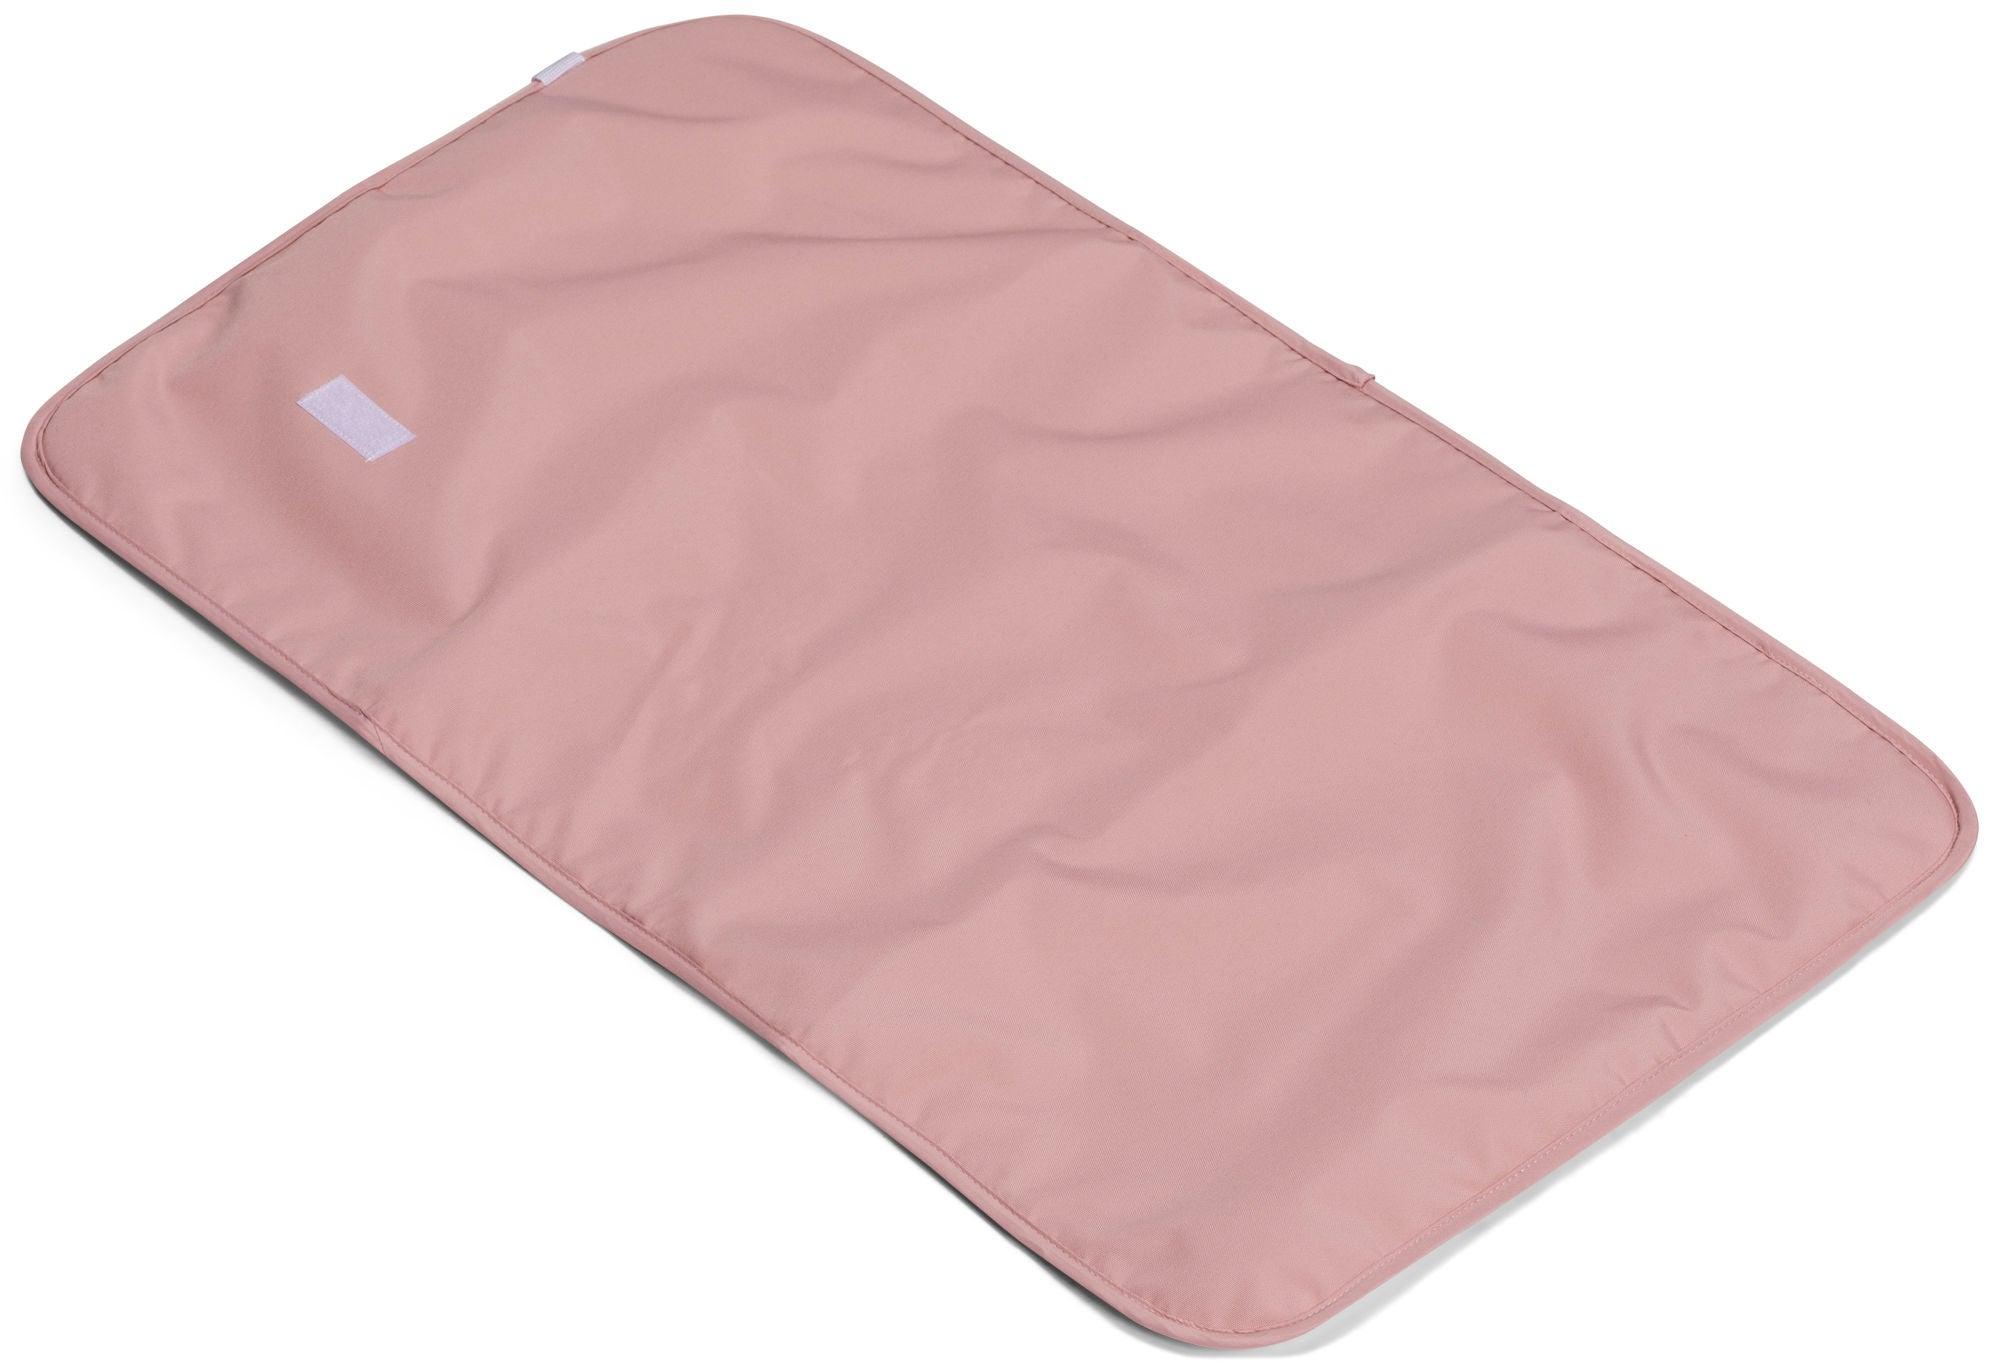 Beemoo Care Hoitoalusta, Vaaleanpunainen